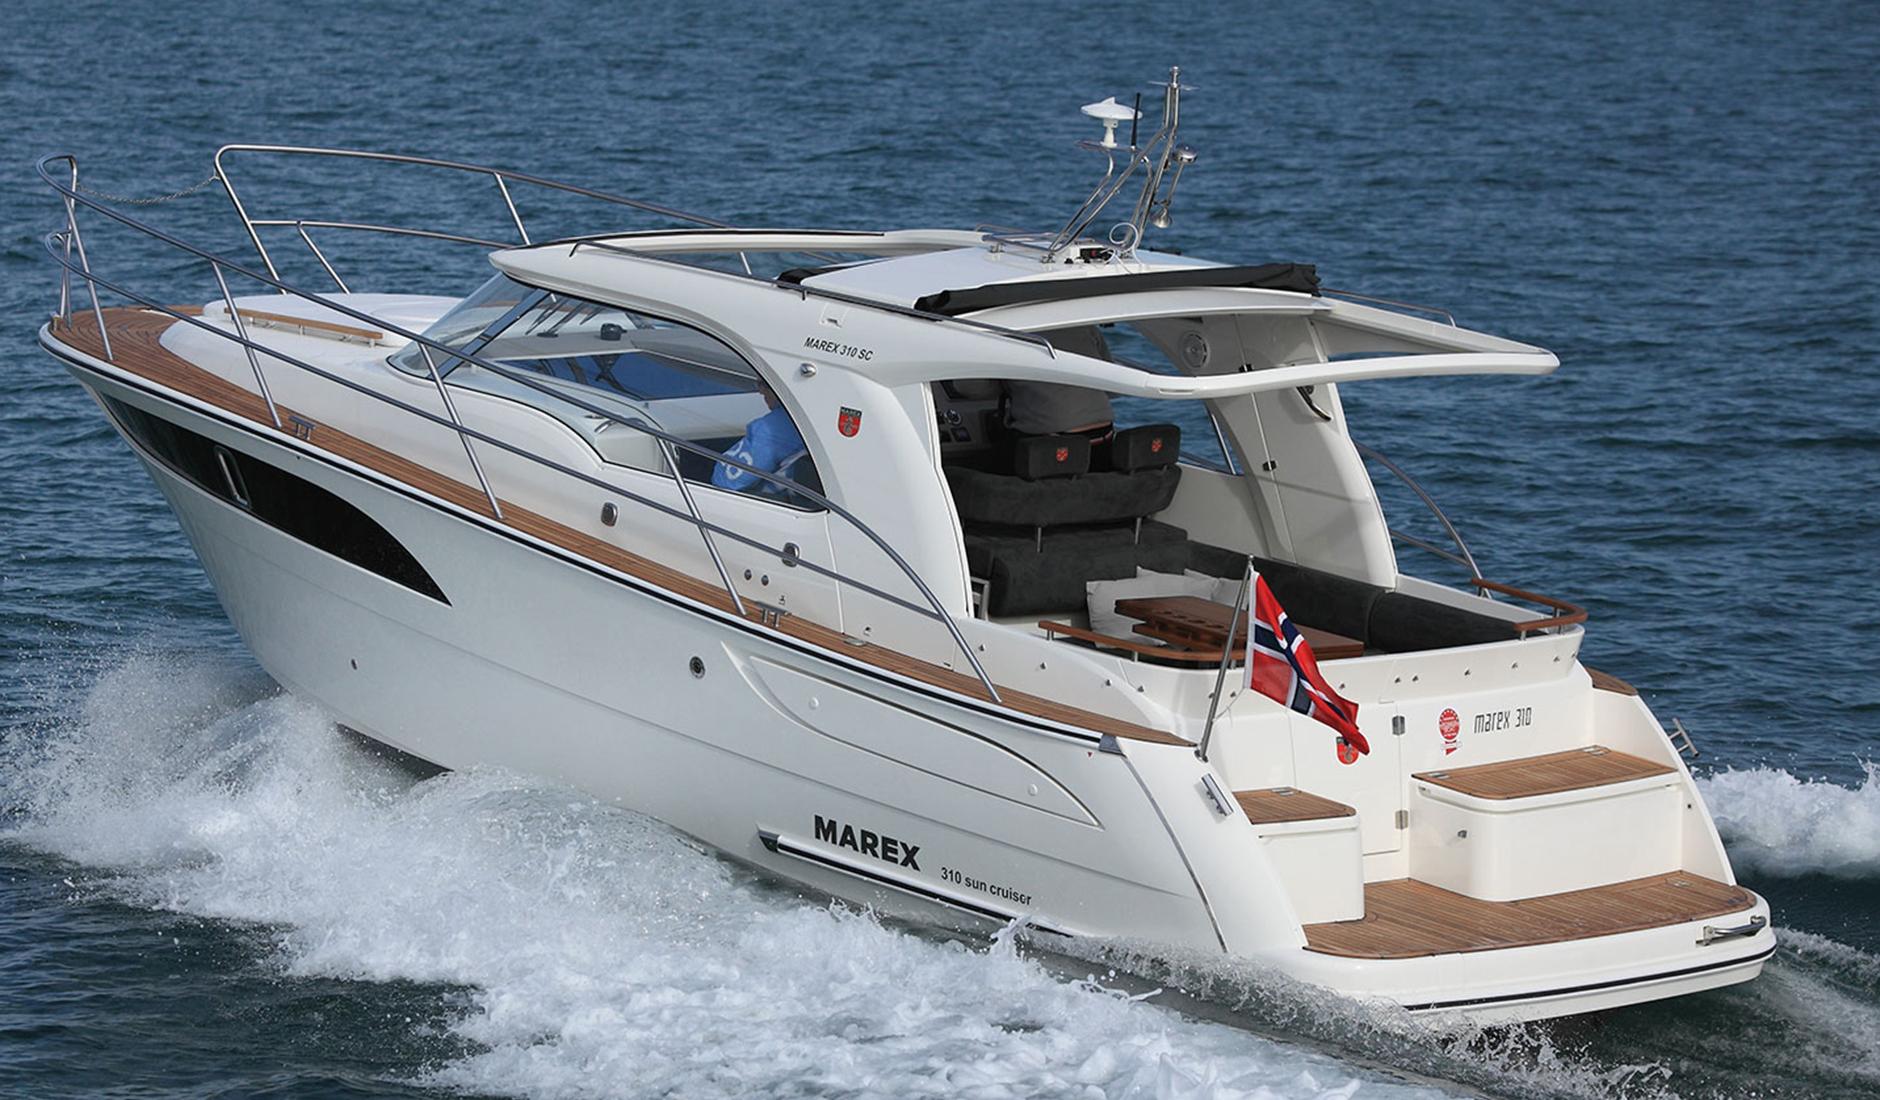 Marex 310 Sun Cruiser Фото № 4